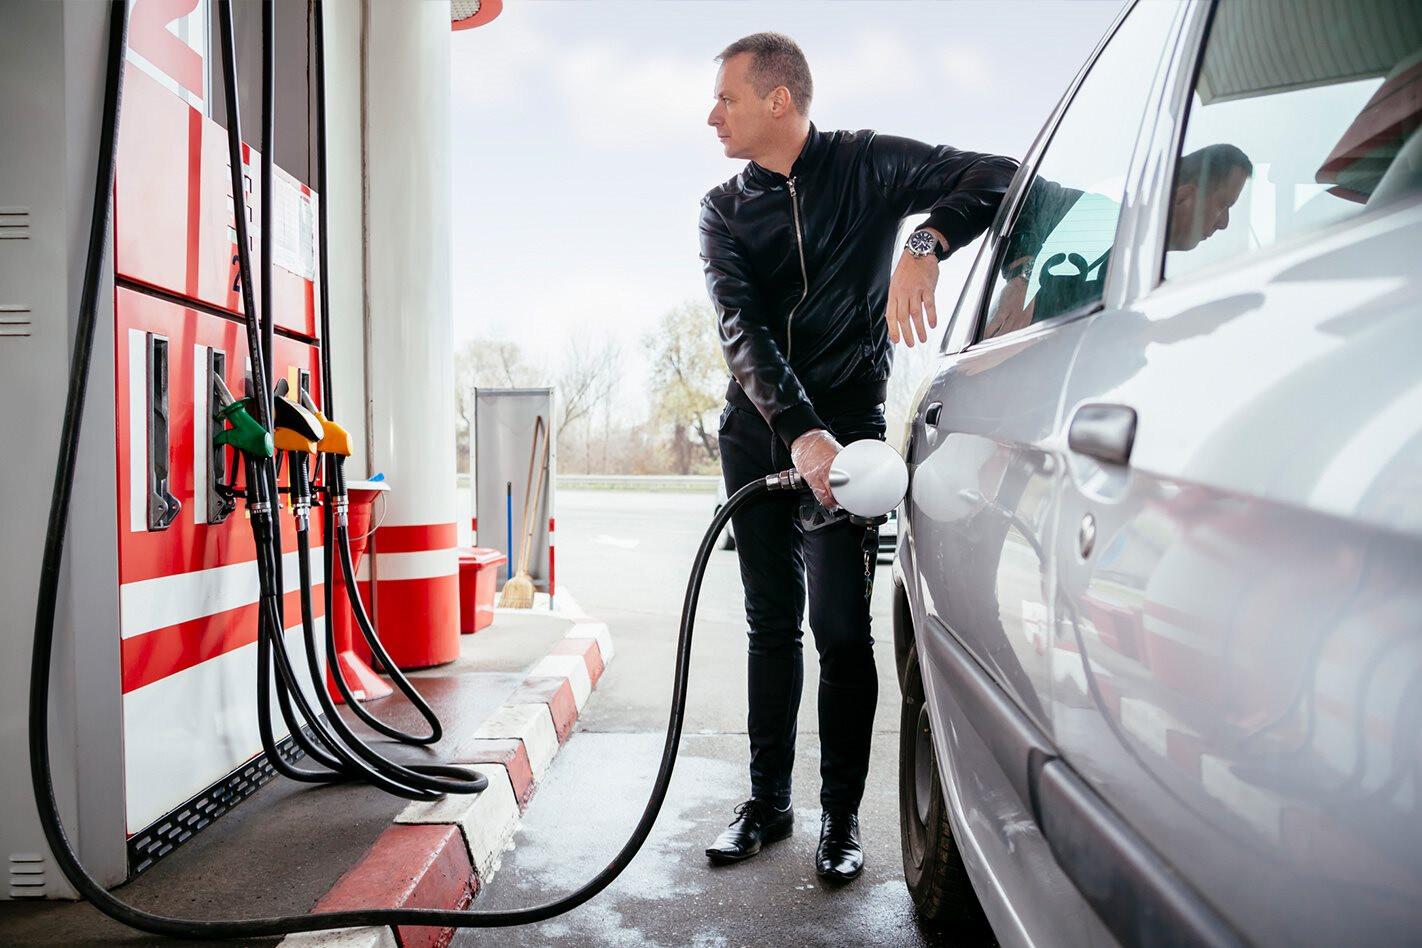 high-octane fuel refill